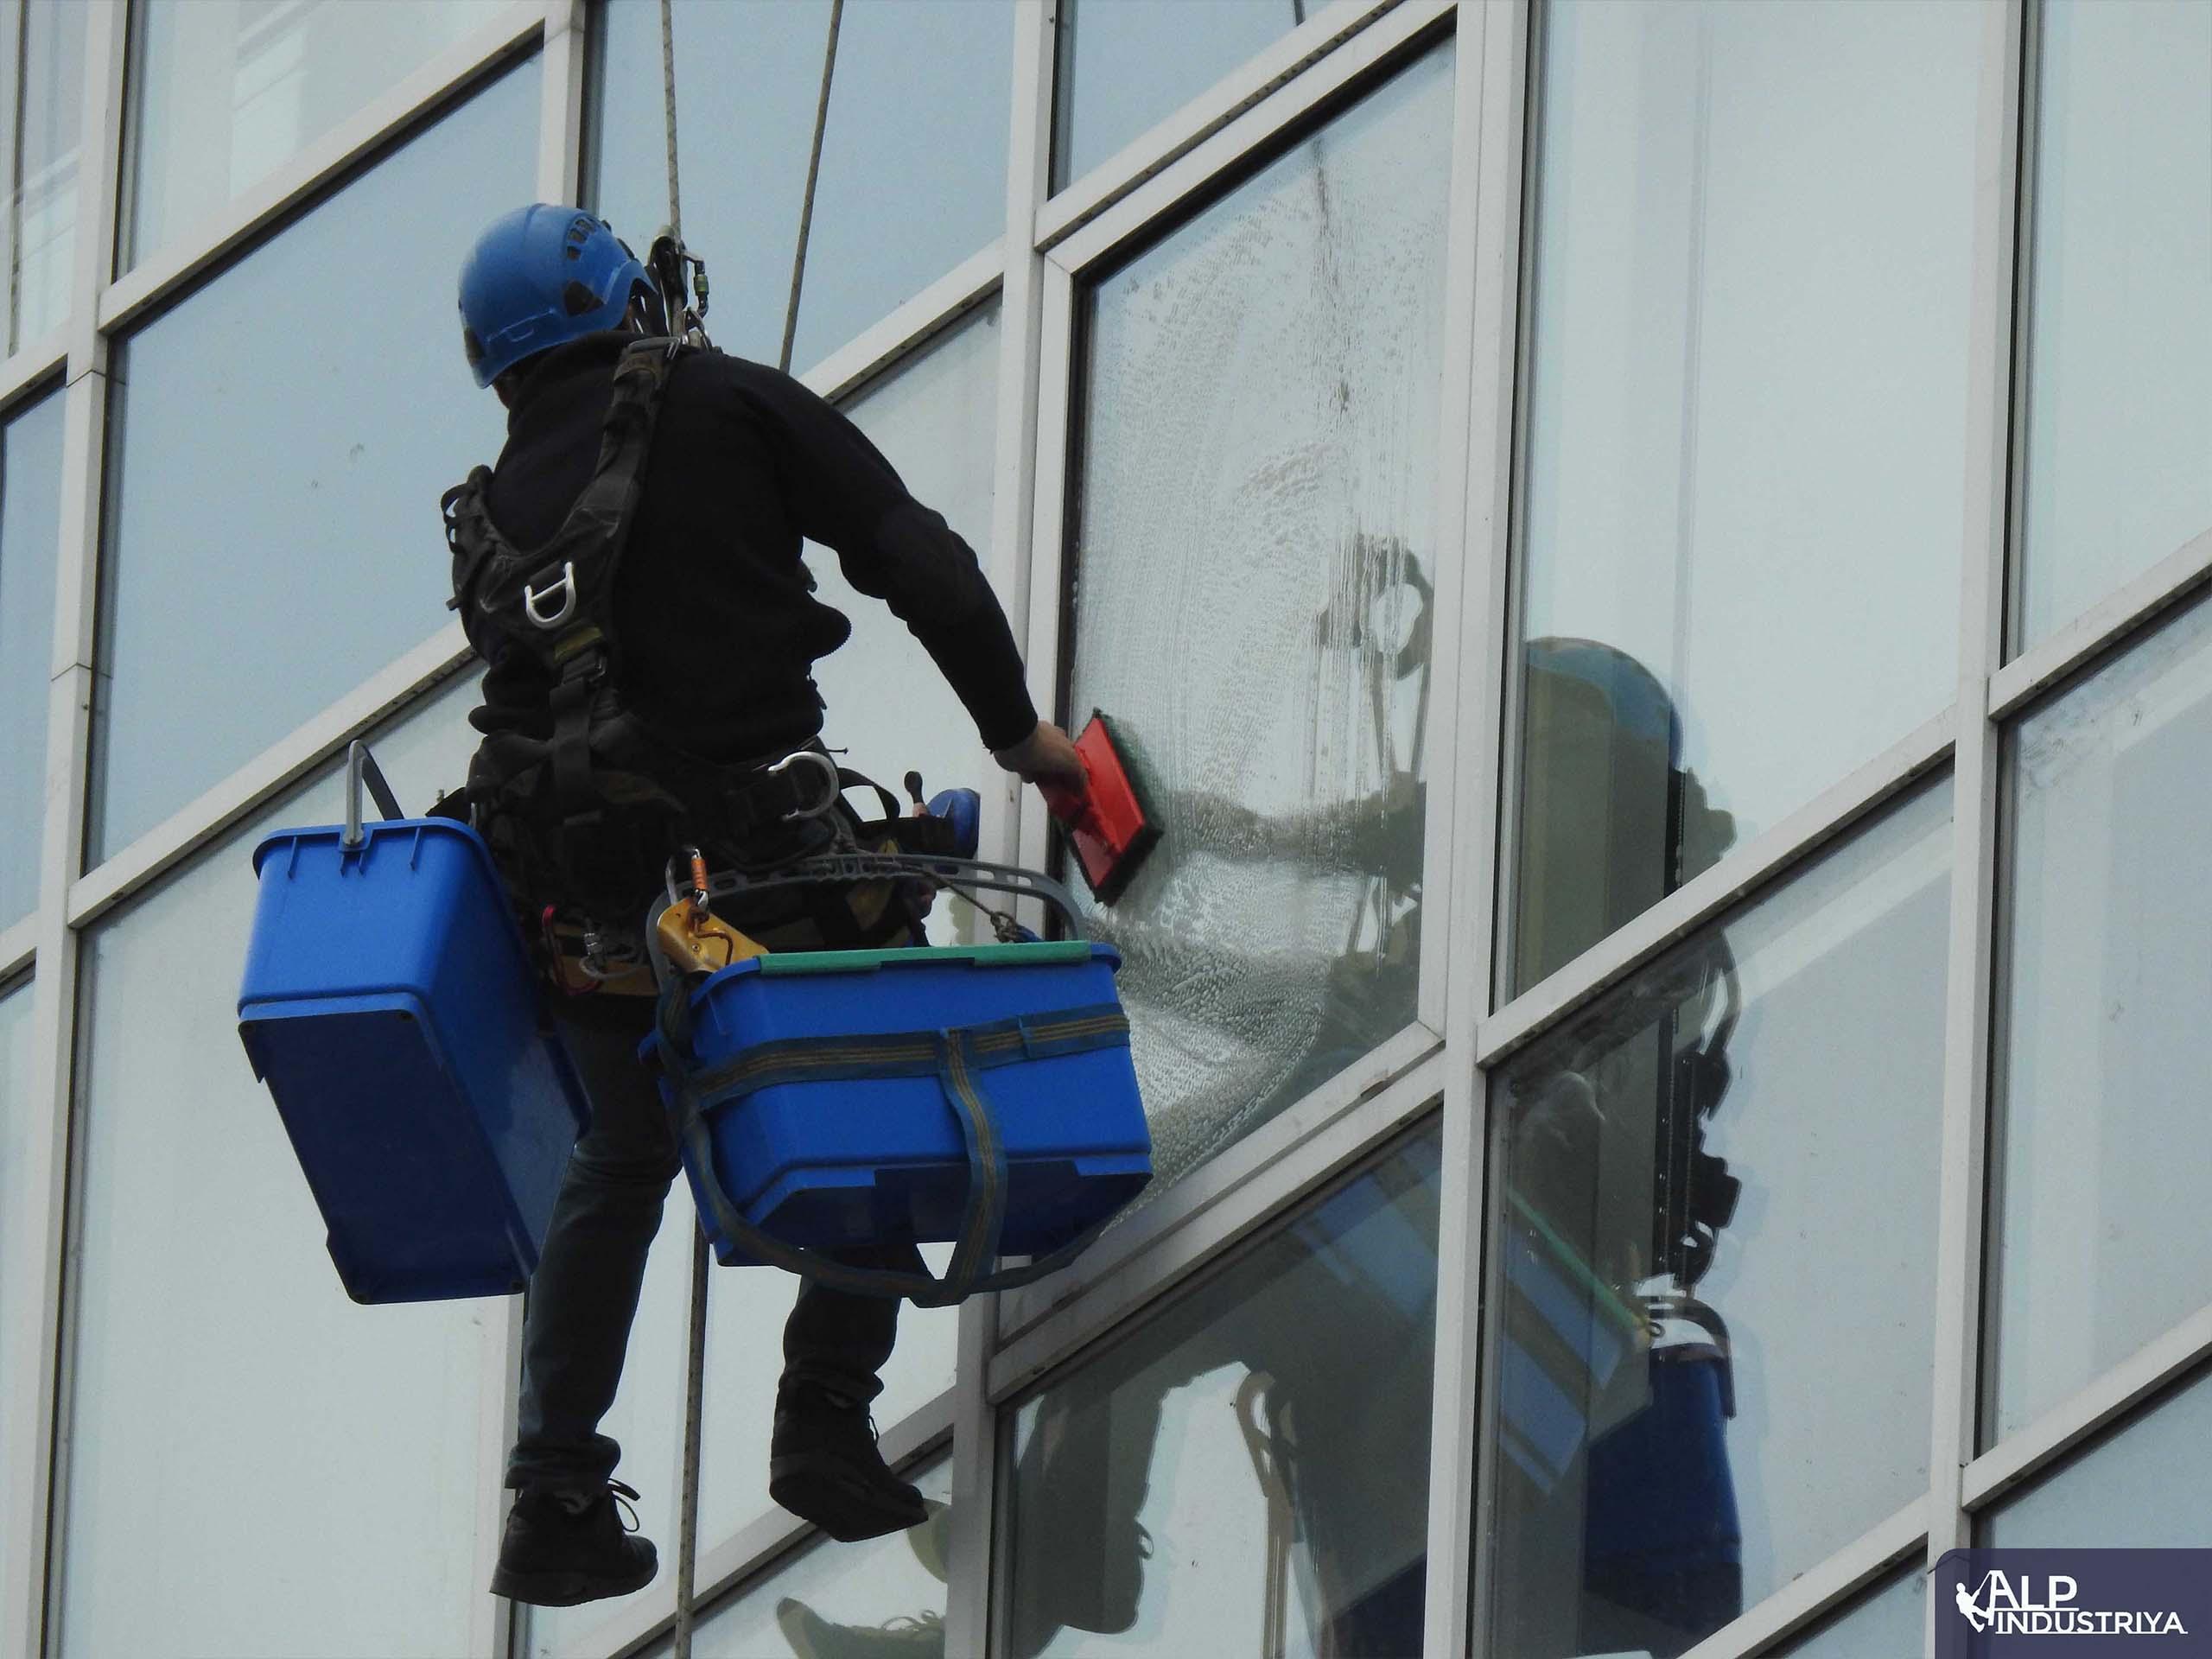 Мытье окон офисов промышленными альпинистами_5